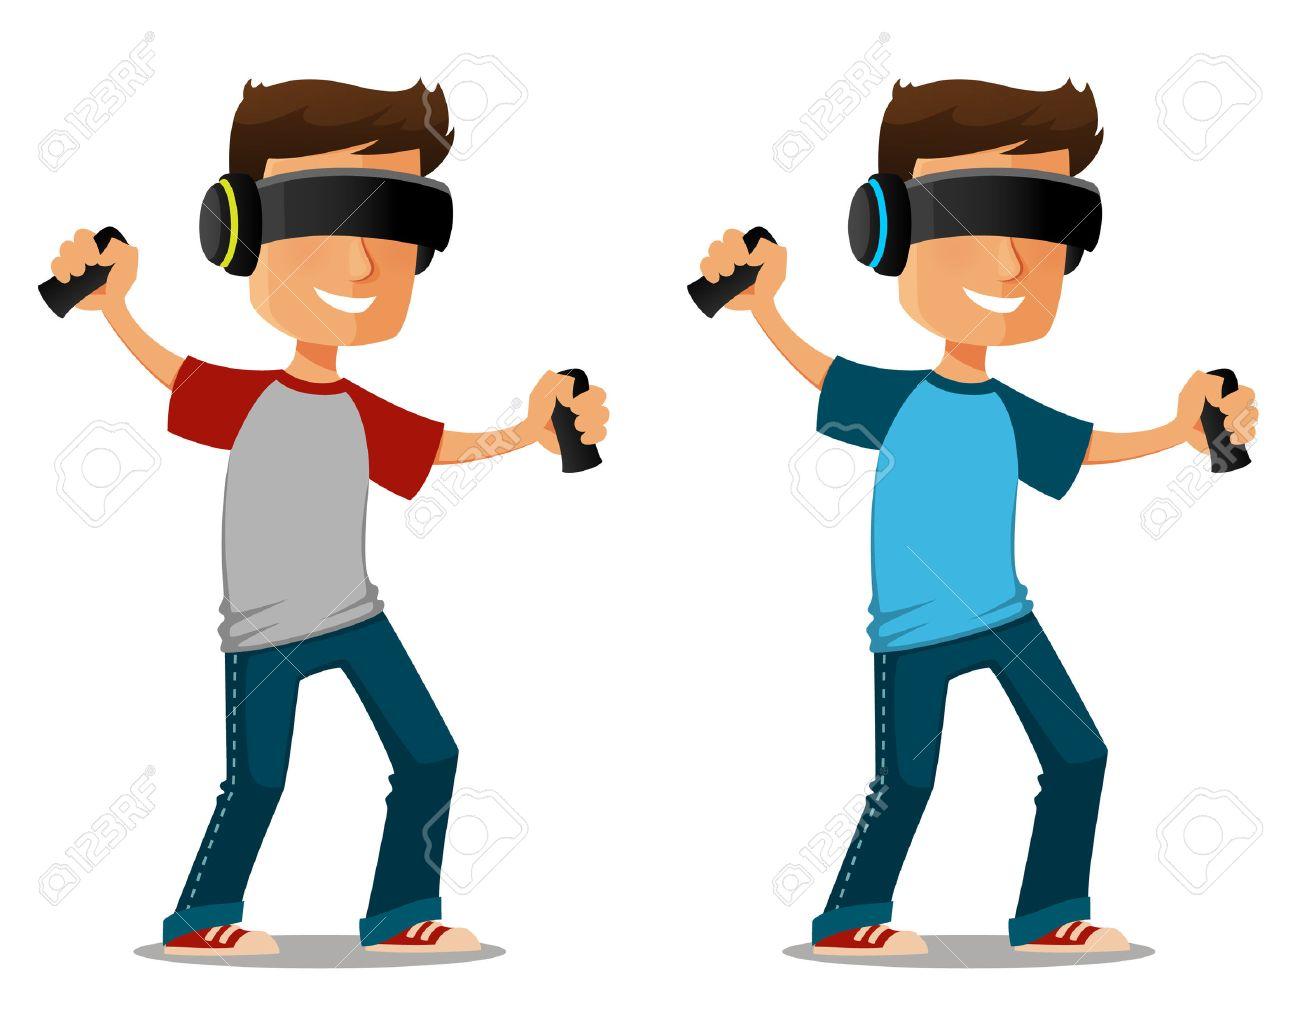 Мультик для очков виртуальной реальности посмотреть камера mavic air combo